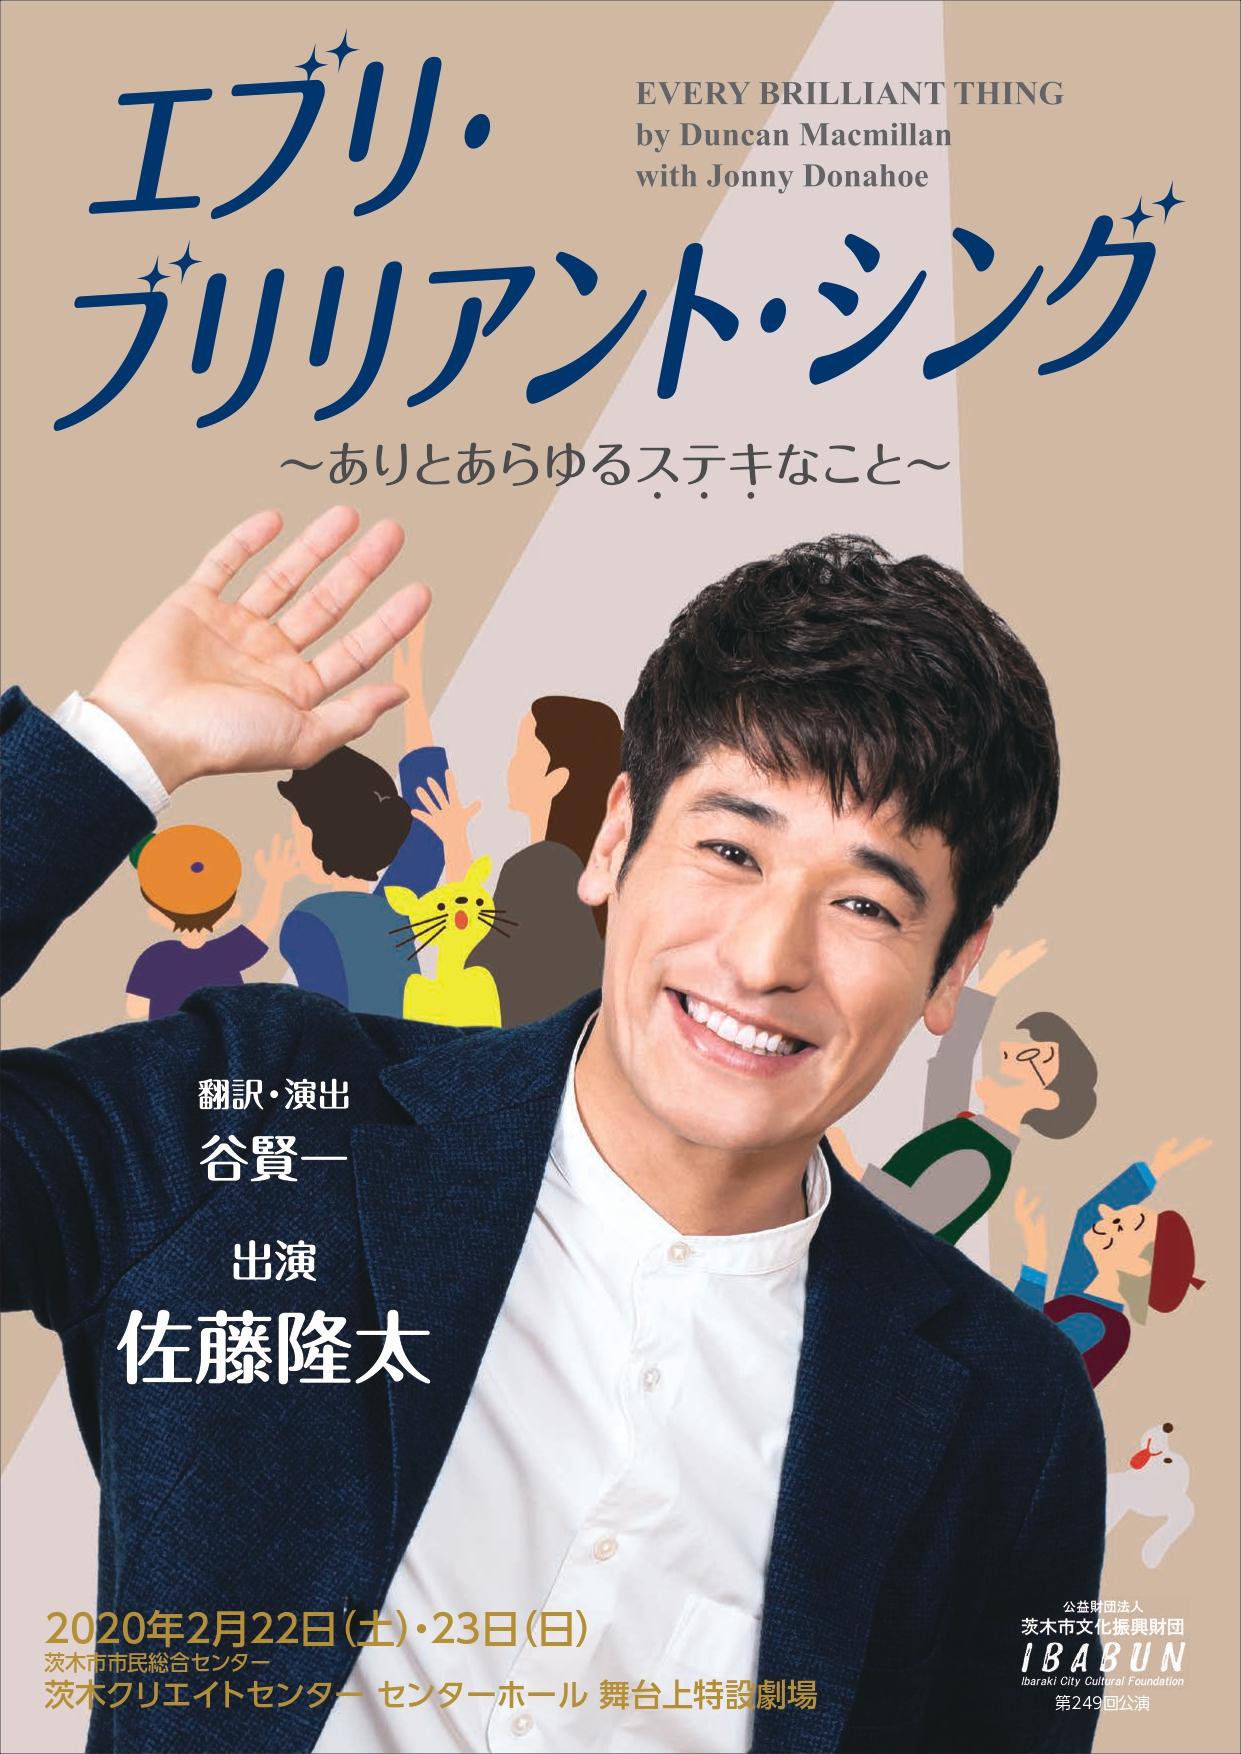 第249回公演/エブリ・ブリリアント・シング